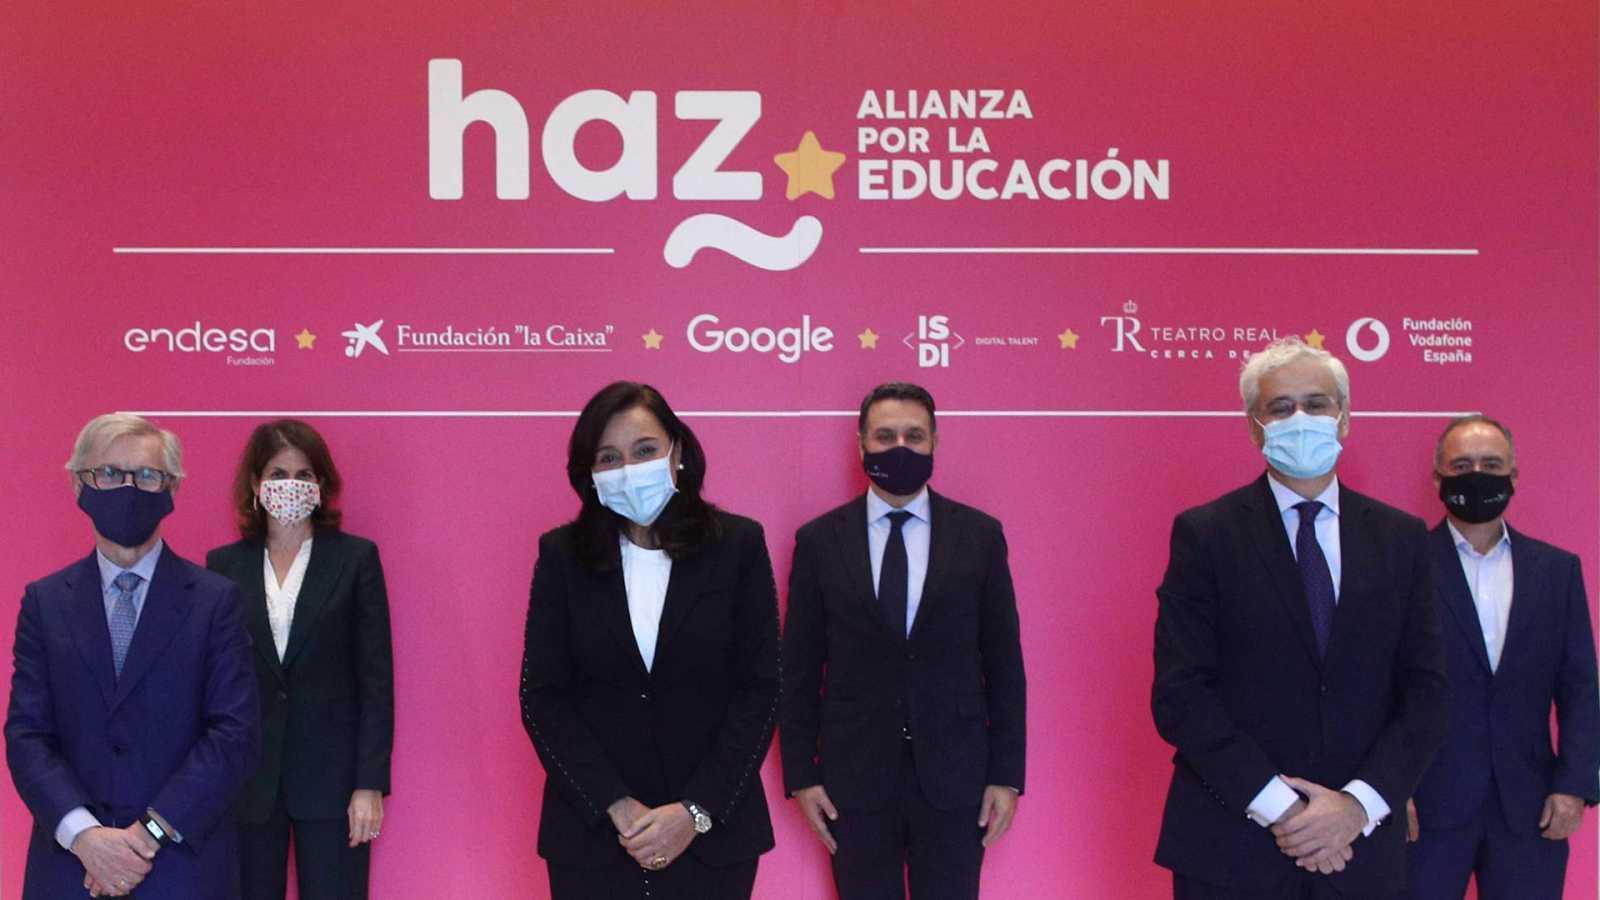 Mundo solidario - HAZ, alianza por la educación - 15/11/20 - escuchar ahora